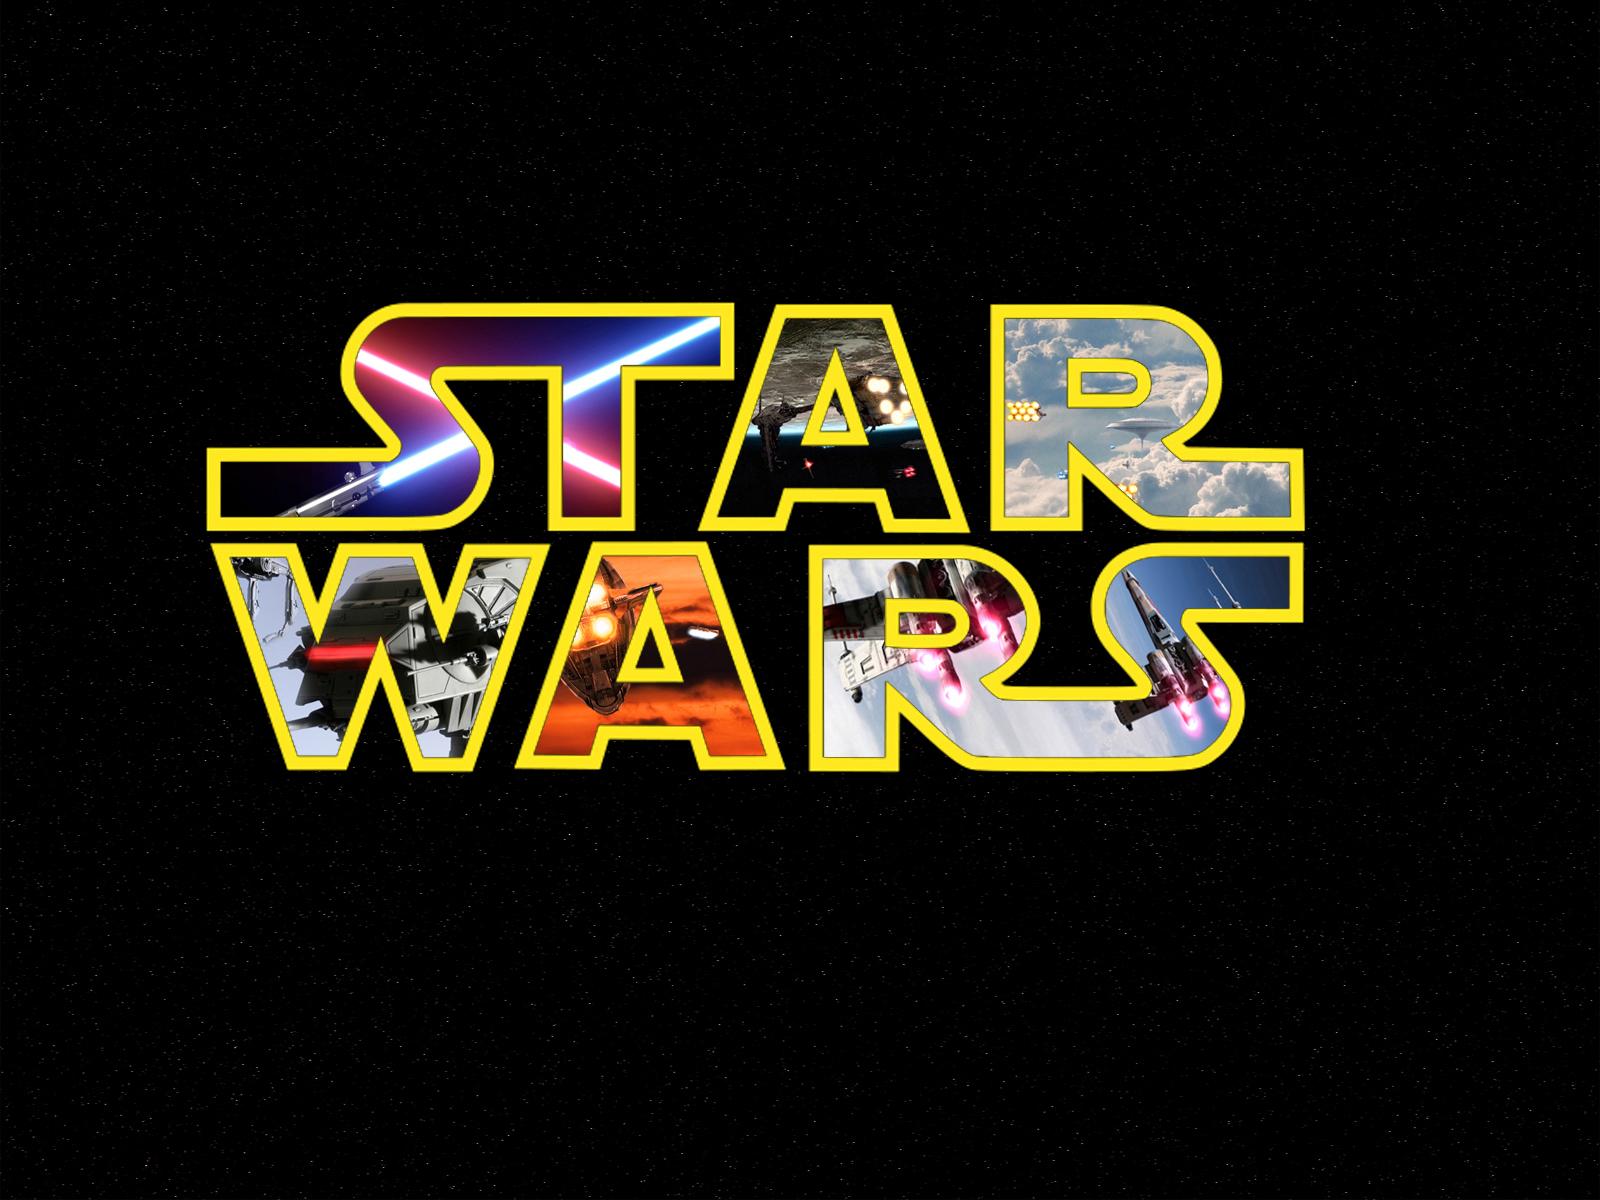 Star Wars Trilogy II